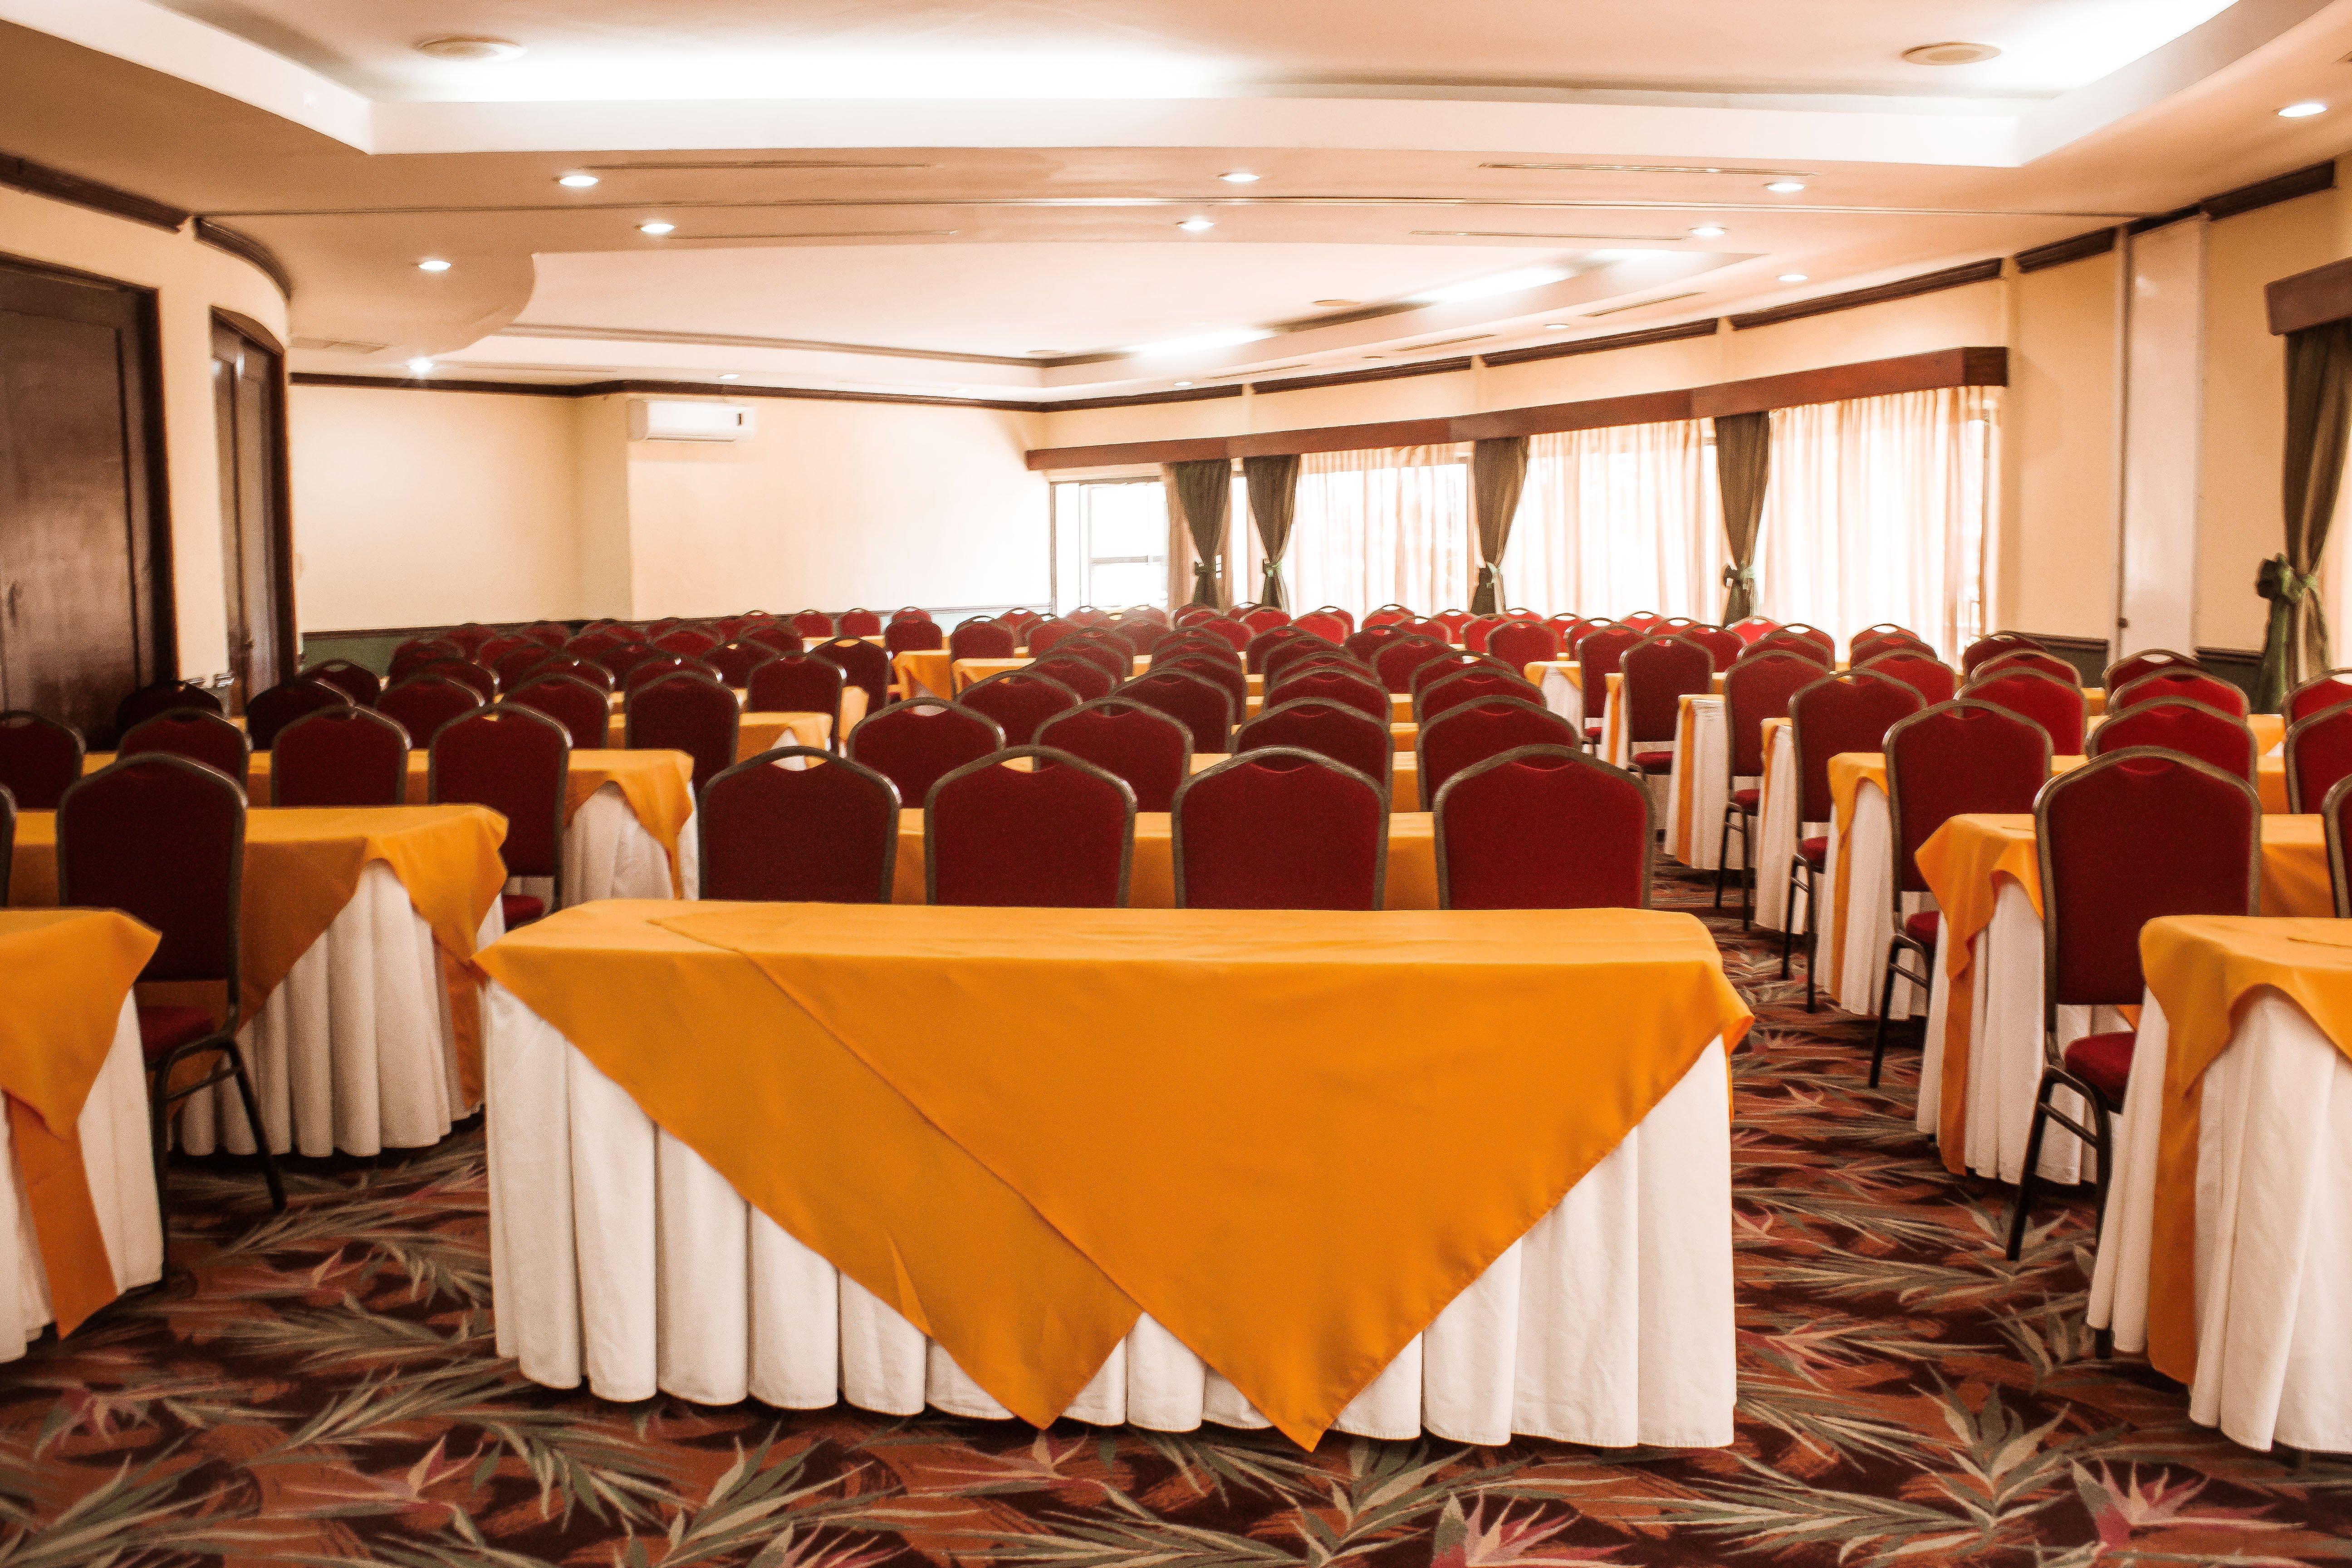 conoce-los-salones-disponibles-para-un-evento-corporativo-en-hoteles-soleil6